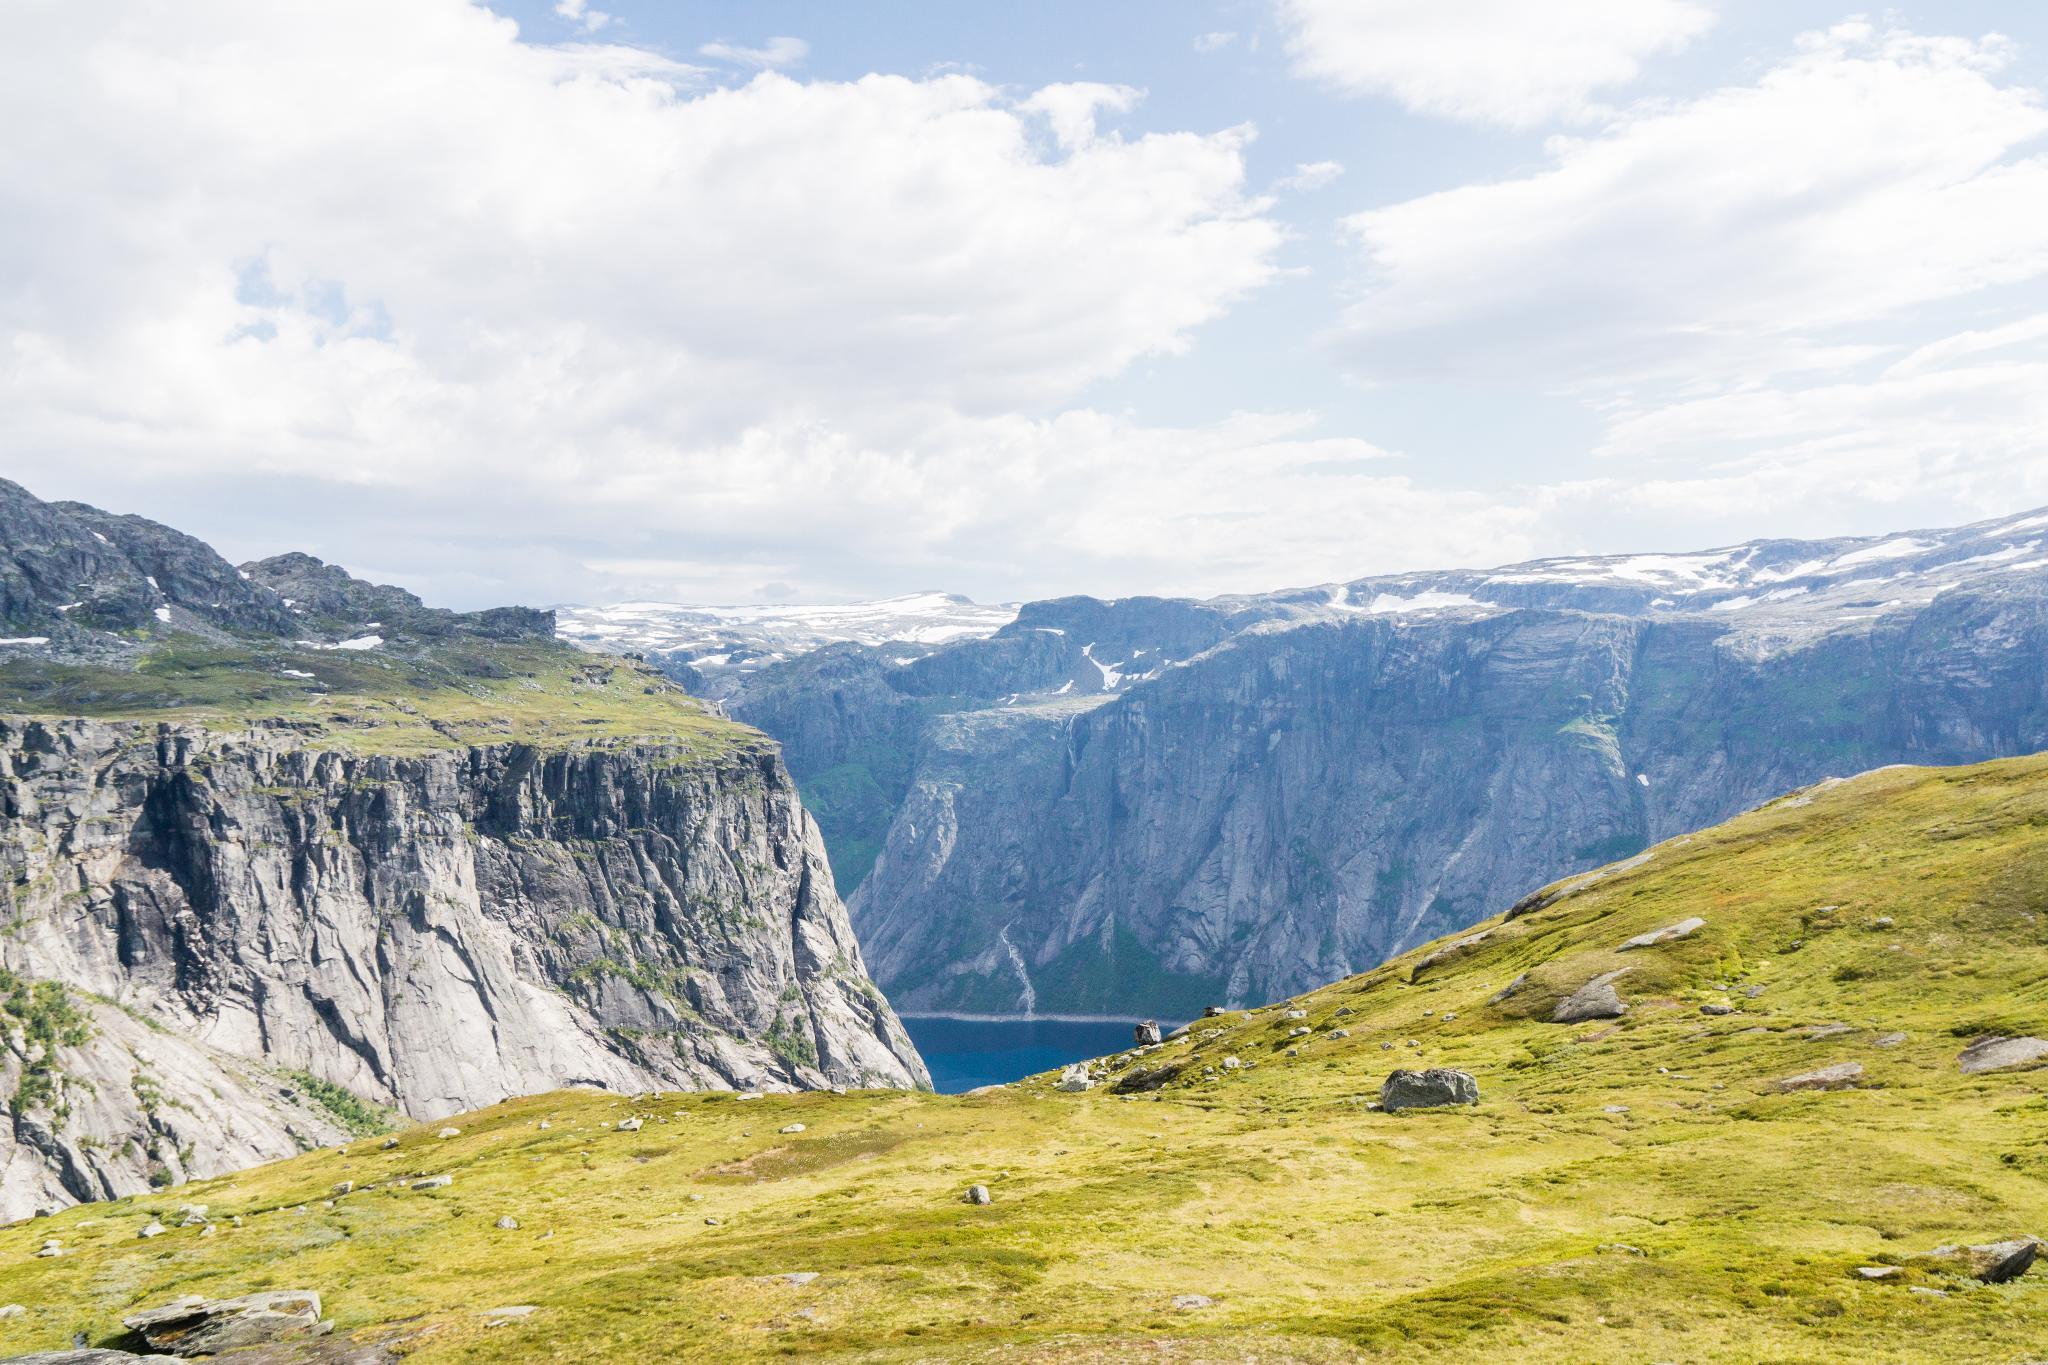 【北歐景點】挪威惡魔之舌 Trolltunga — 28公里健行挑戰全攻略 216